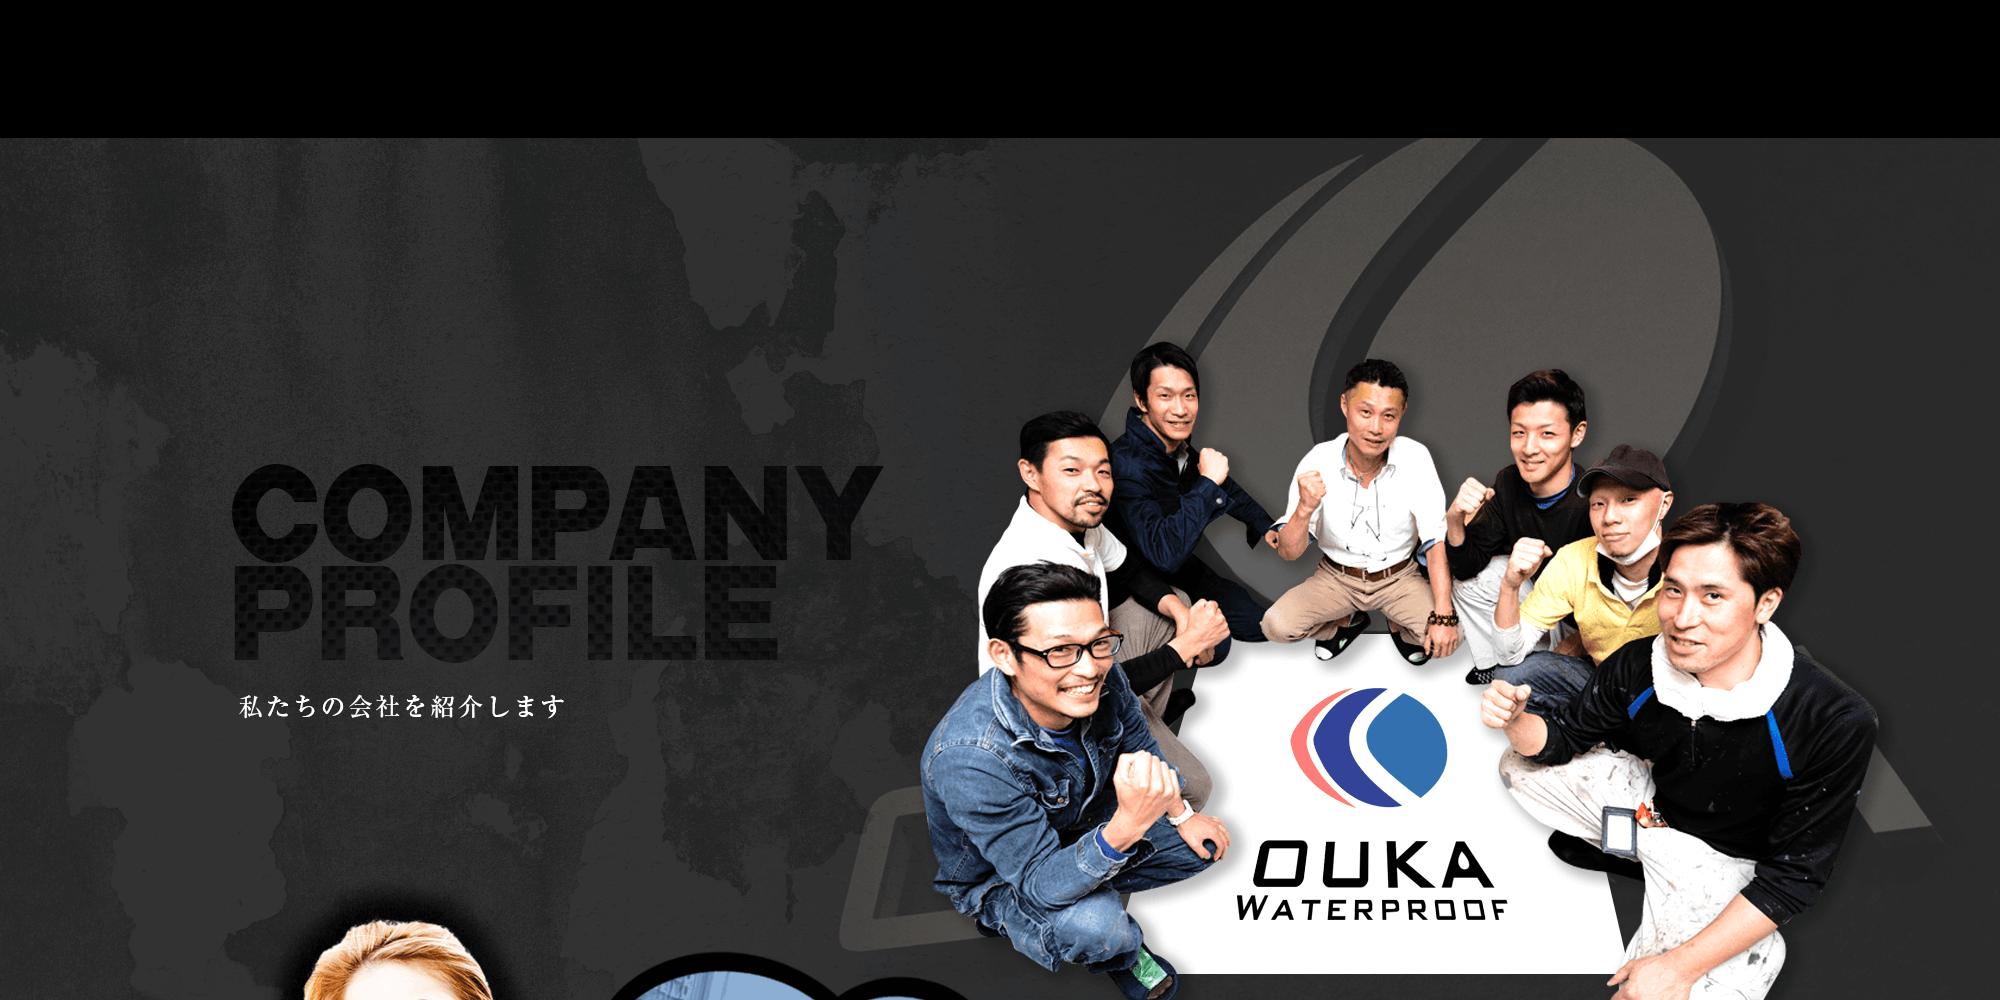 company_bg